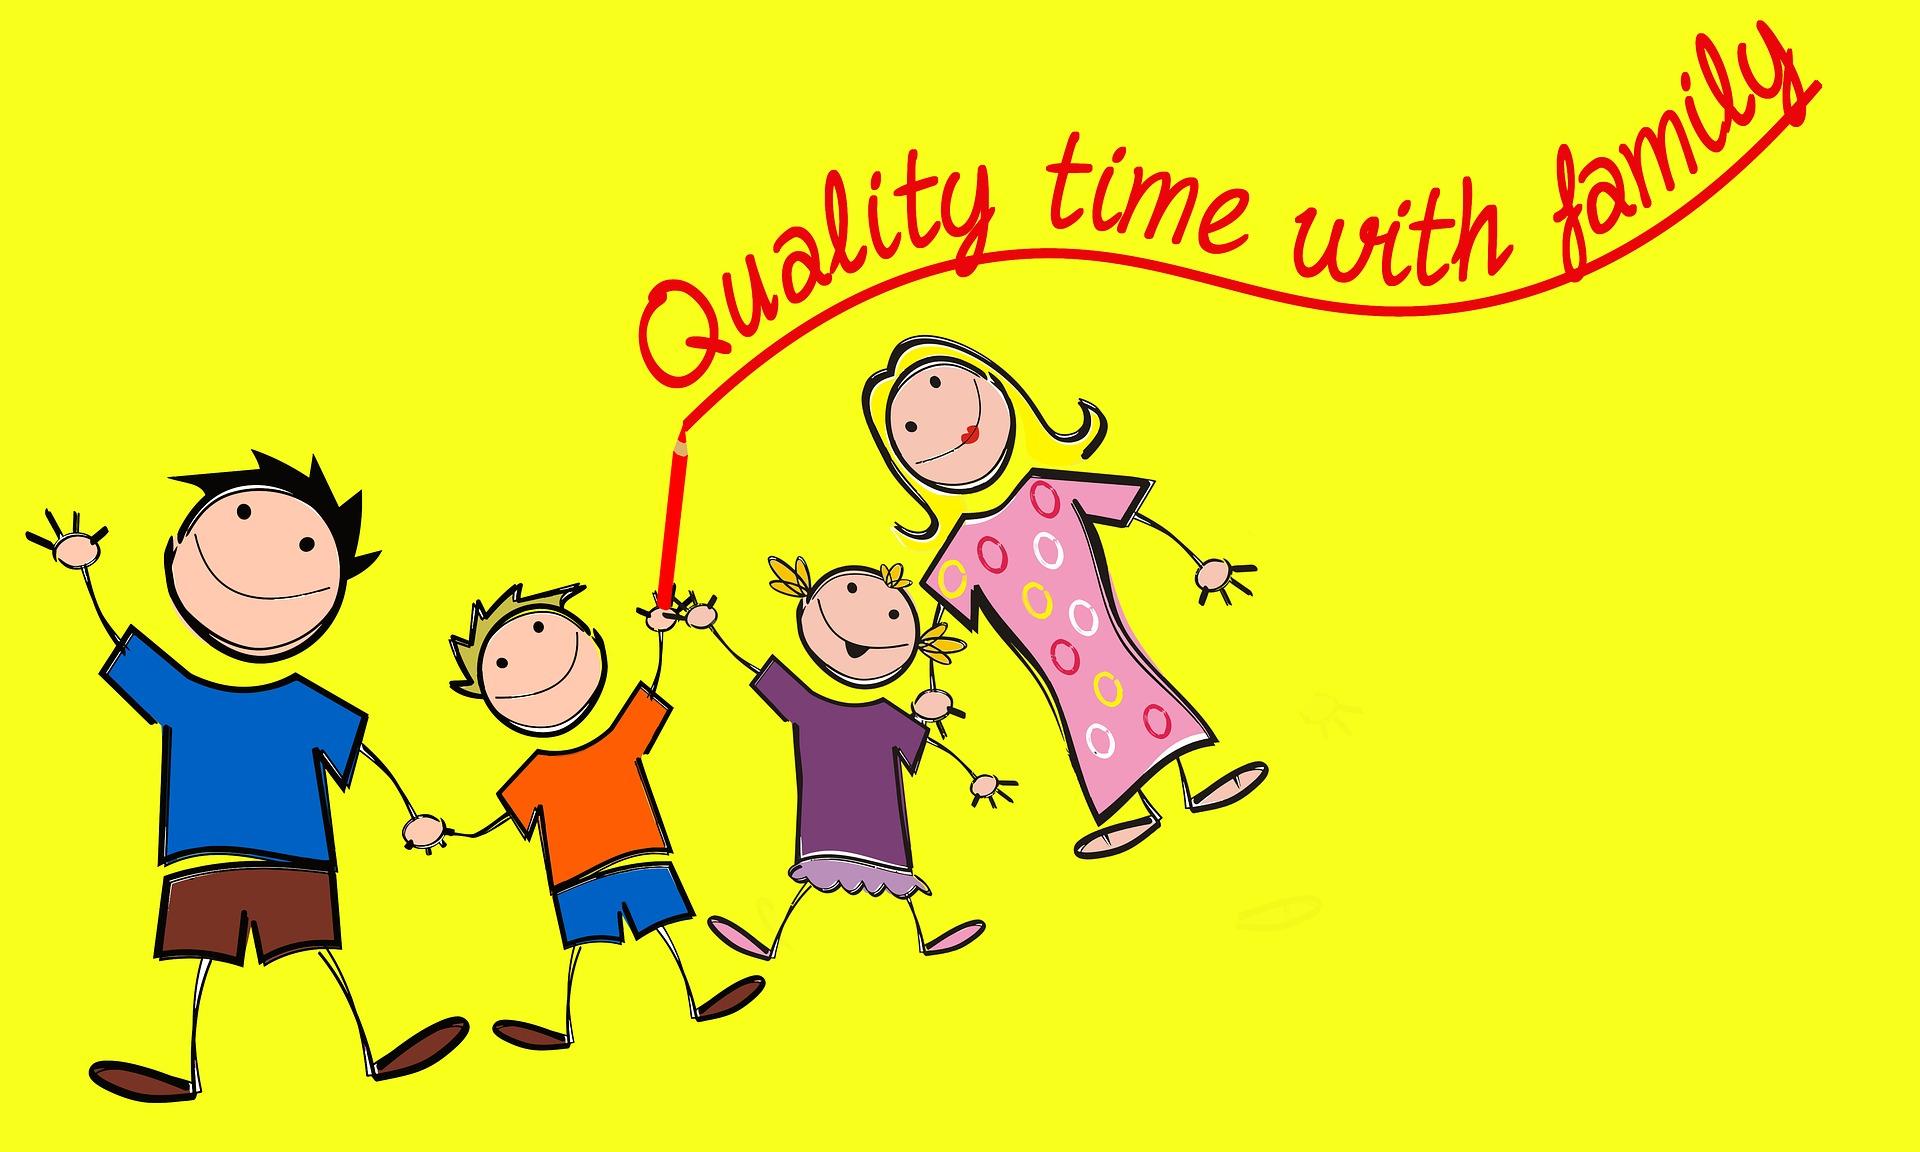 זמן איכות עם הילדים למה זה כל כך חשוב מגיל קטן